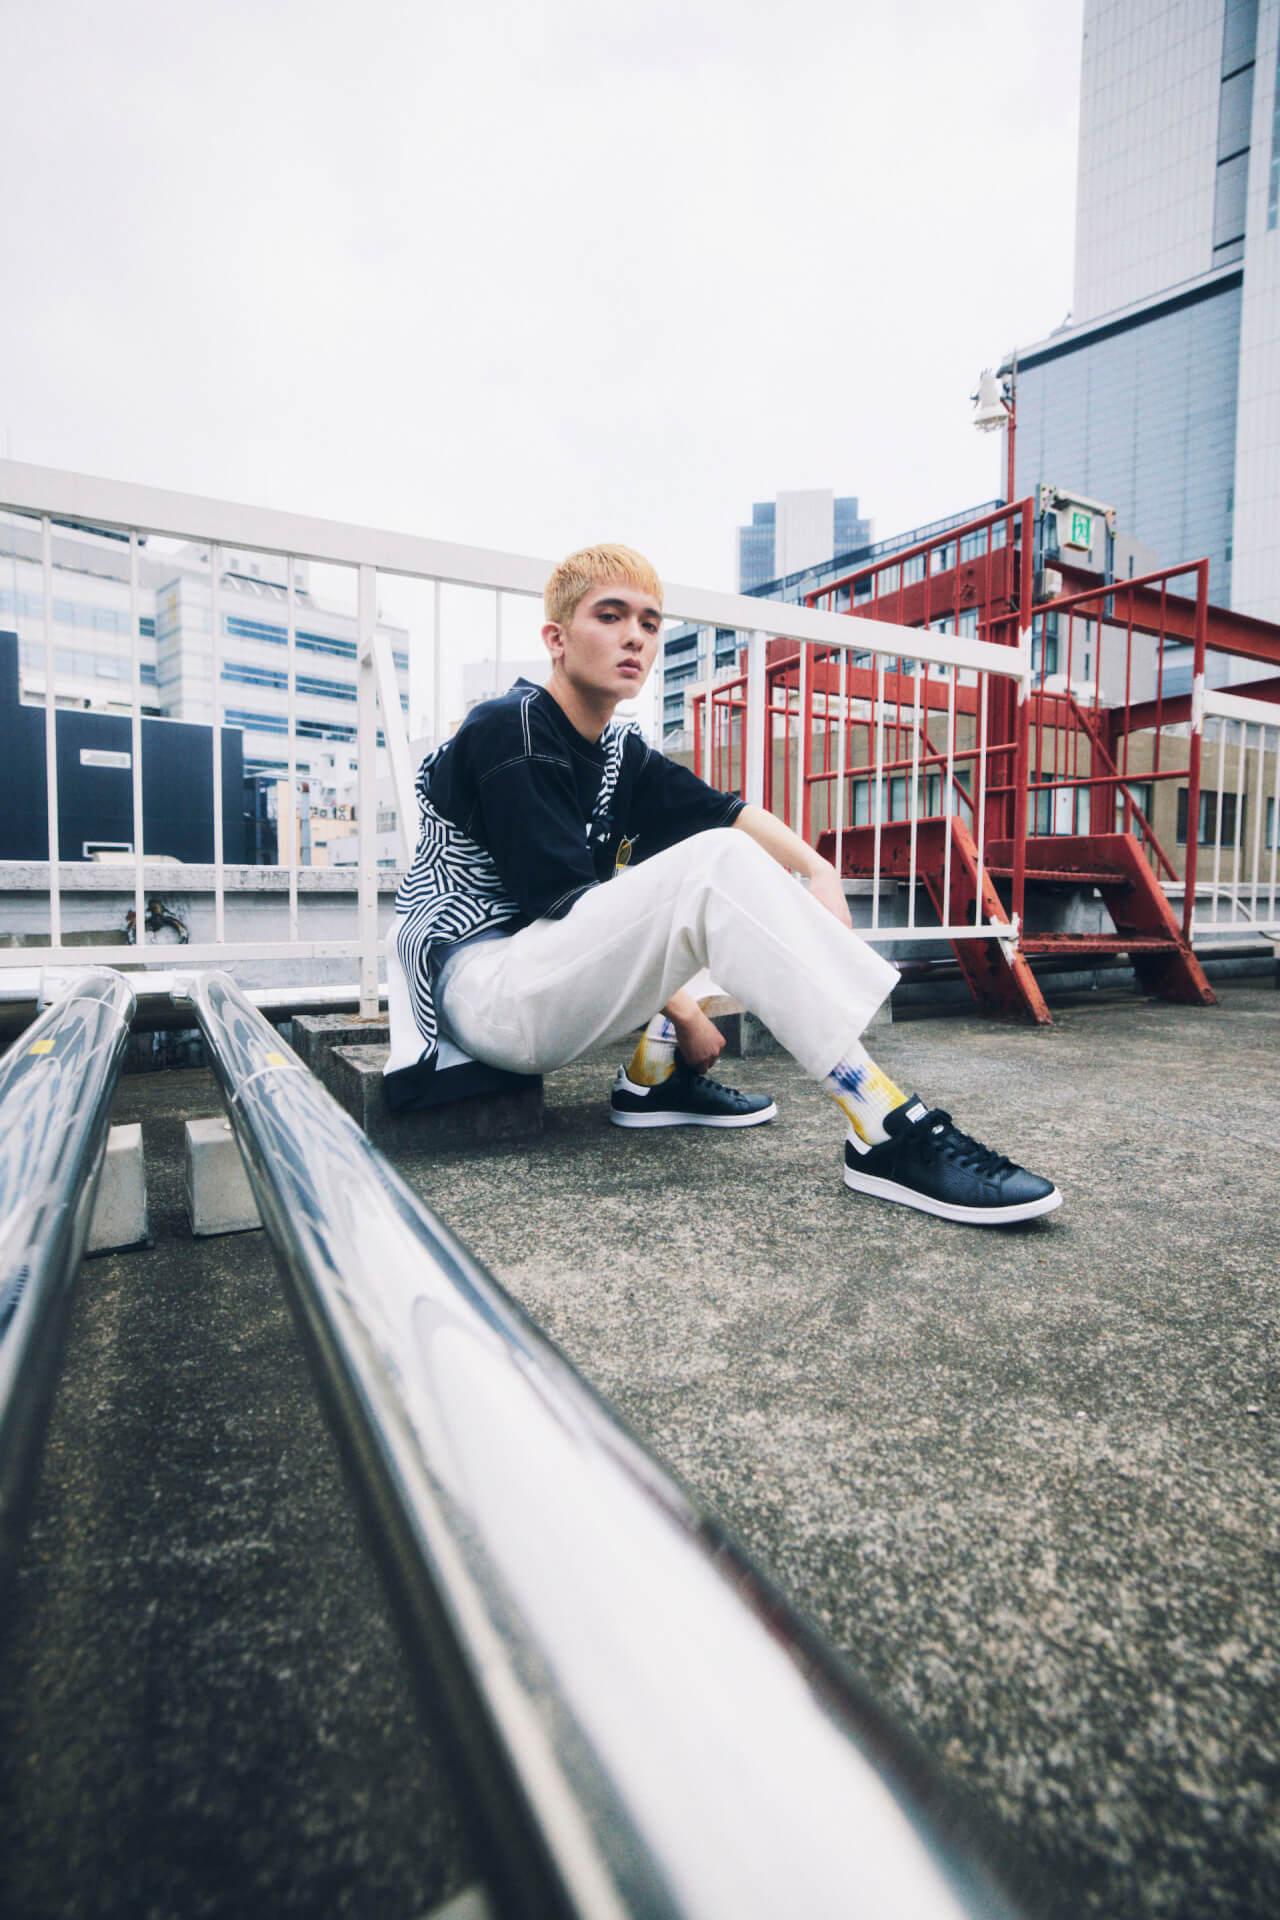 アディダス初の法被ジャケットと浴衣ジャケットが登場!高橋理子とのコラボコレクション『HIROKO TAKAHASHI COLLECTION』が販売開始 music210611_adidas2